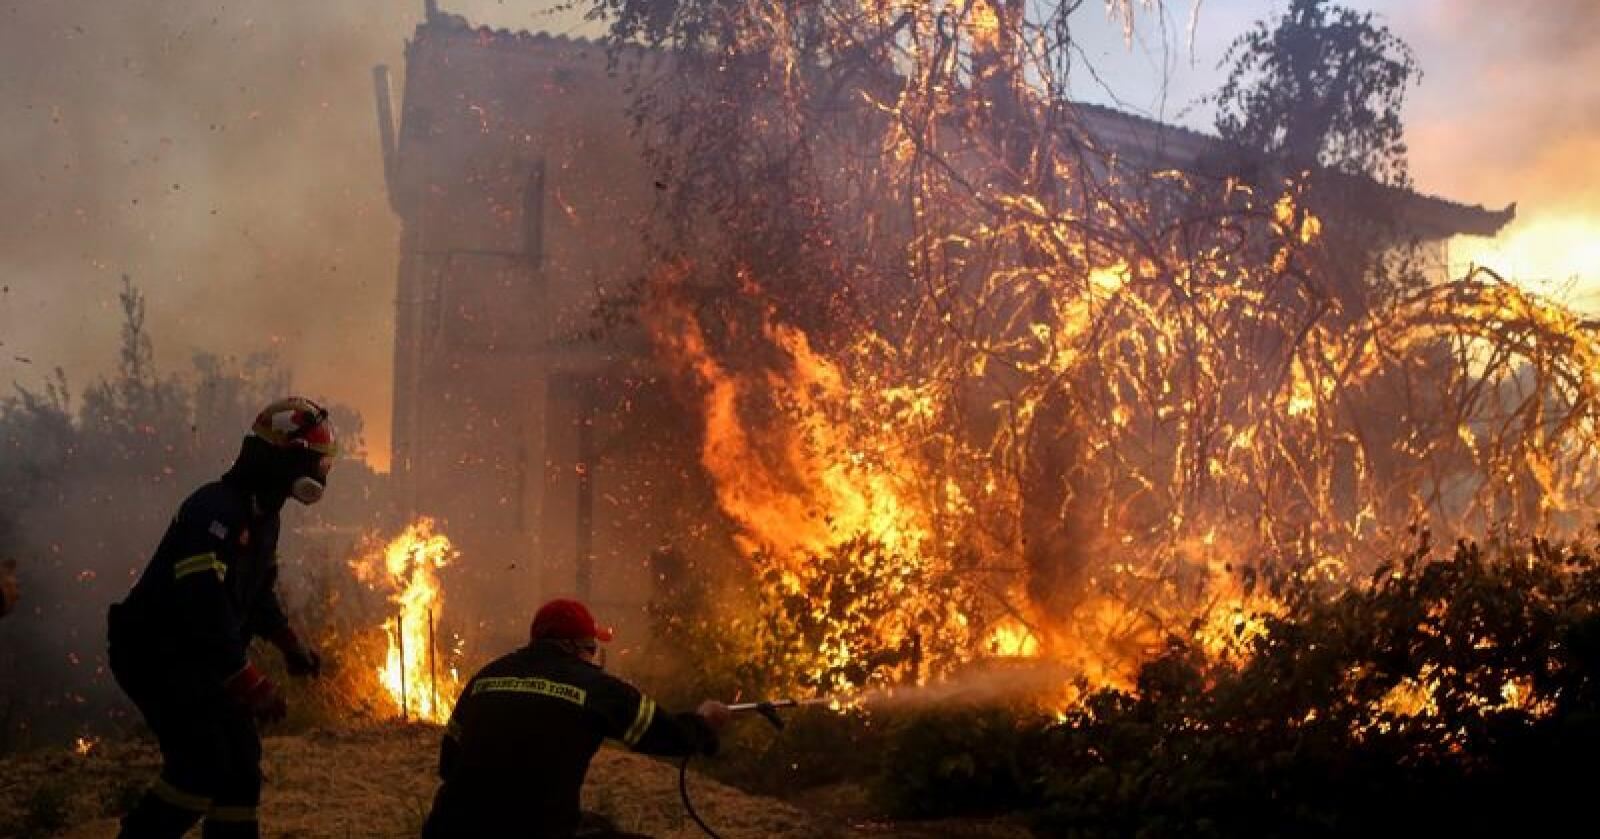 Brannmannskaper kjemper mot flammene i landsbyen Agrilitsa på den greske øya Evia tirsdag. Foto: Dimitris Kapadais / Intime News / AP / NTB scanpix